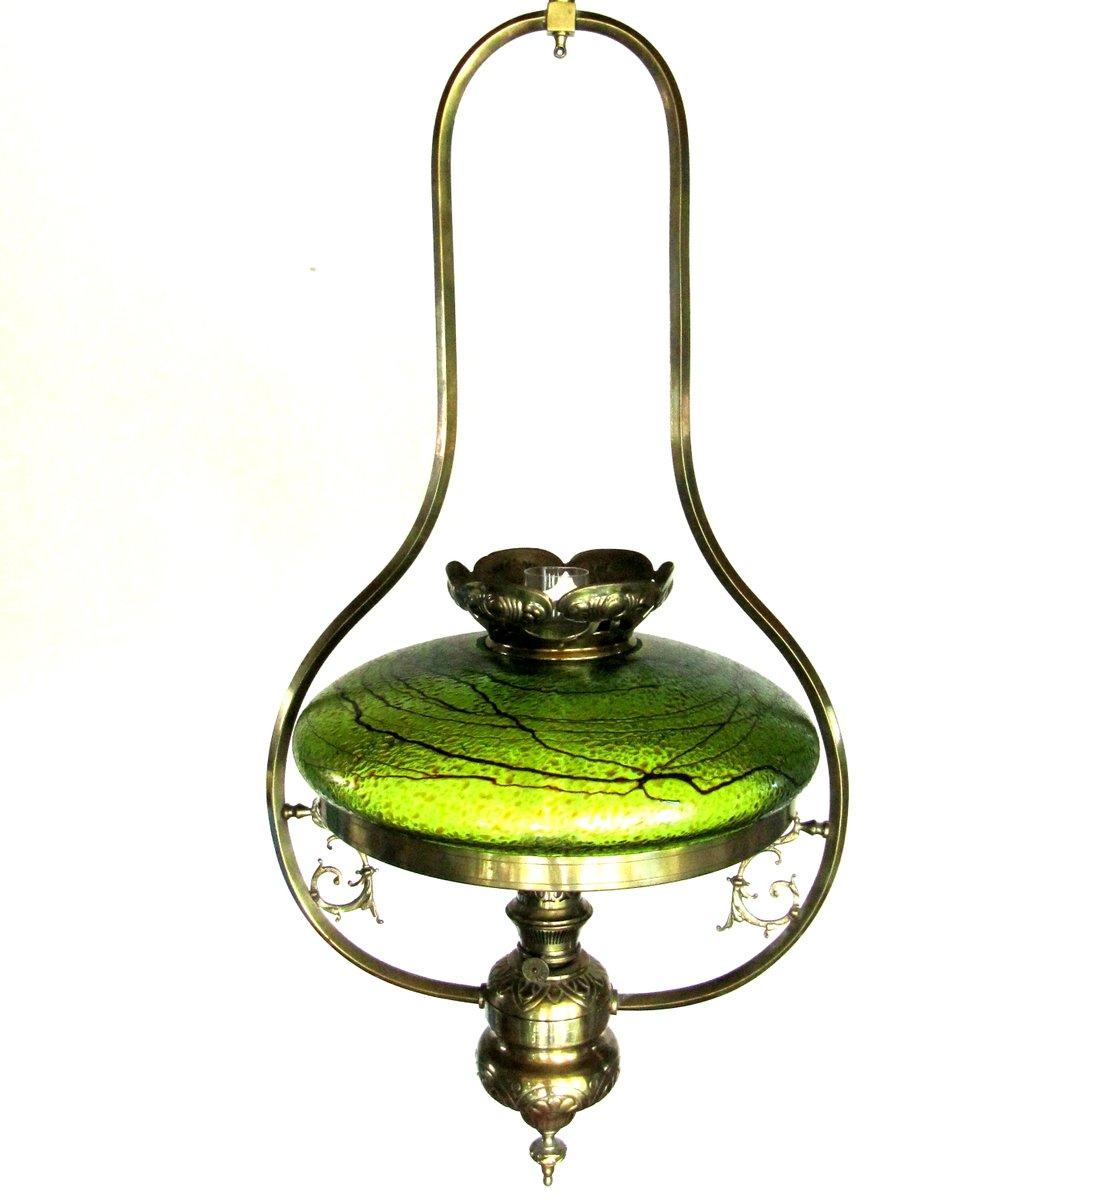 Antique austrian art nouveau lamp with glass shade for for Jugendstil lampen